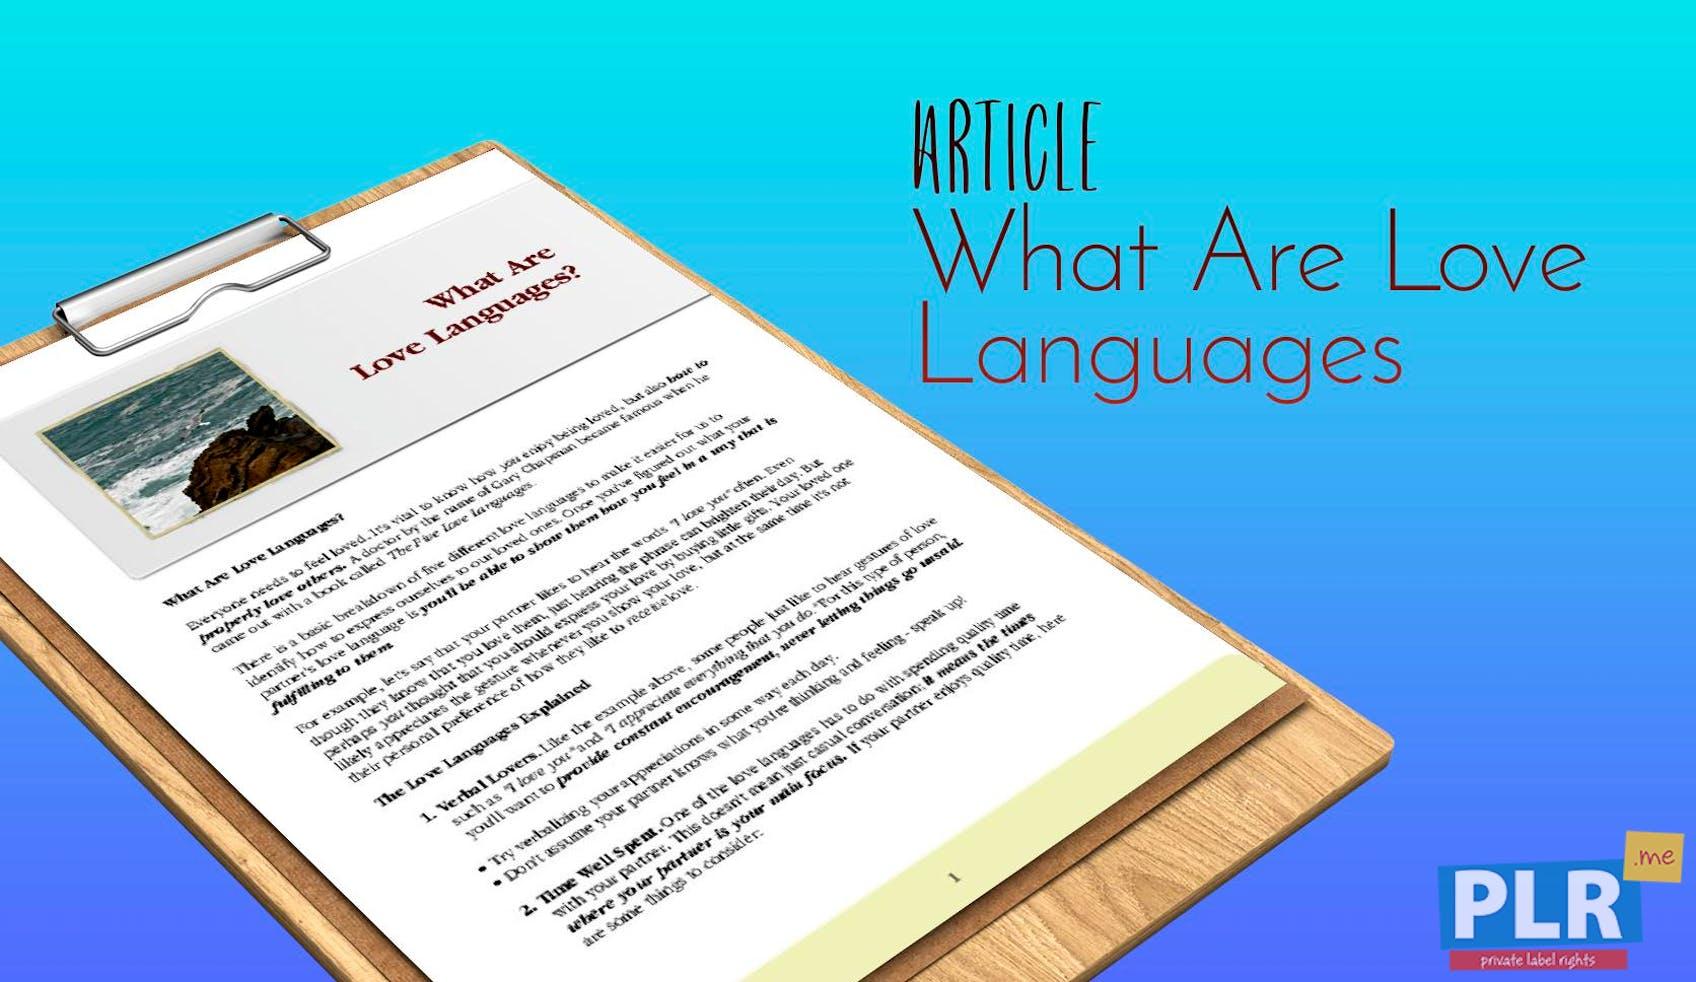 Plr Articles Blog Posts What Are Love Languages Plr Me